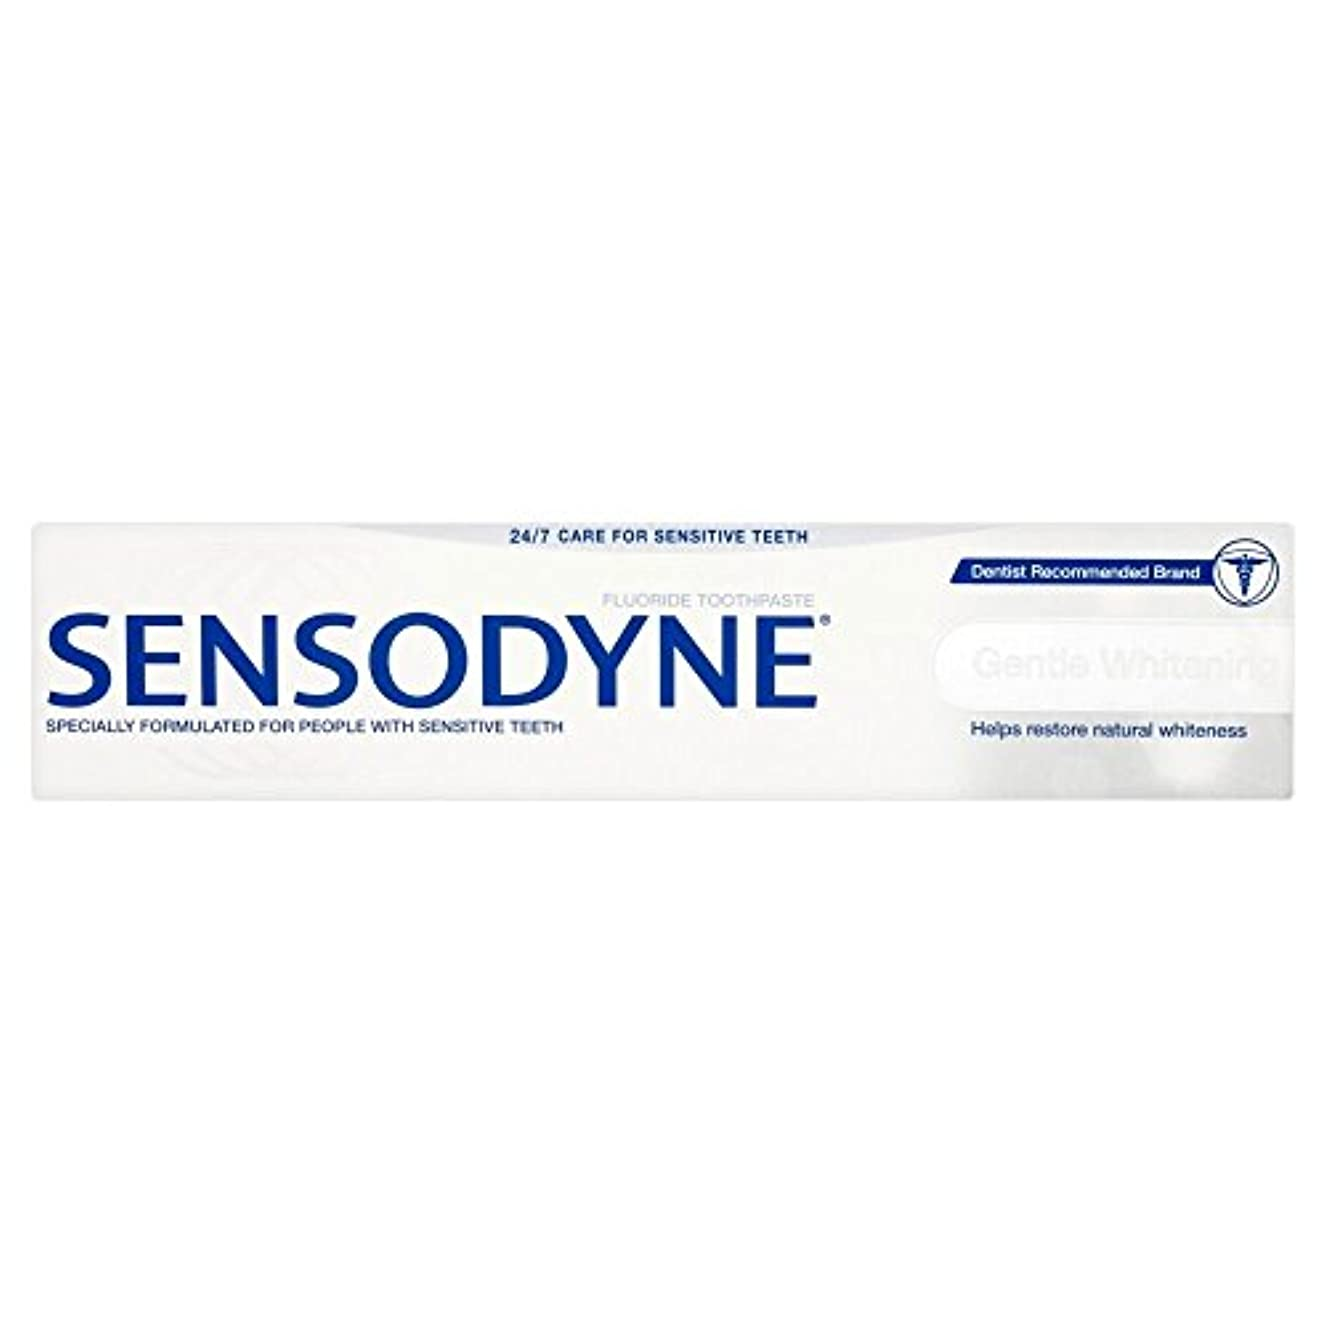 古い宝凶暴なSensodyne Total Care Gentle Whitening Toothpaste Tube (100ml) Sensodyneトータルケア優しいホワイトニング歯磨き粉のチューブ( 100ミリリットル) [...